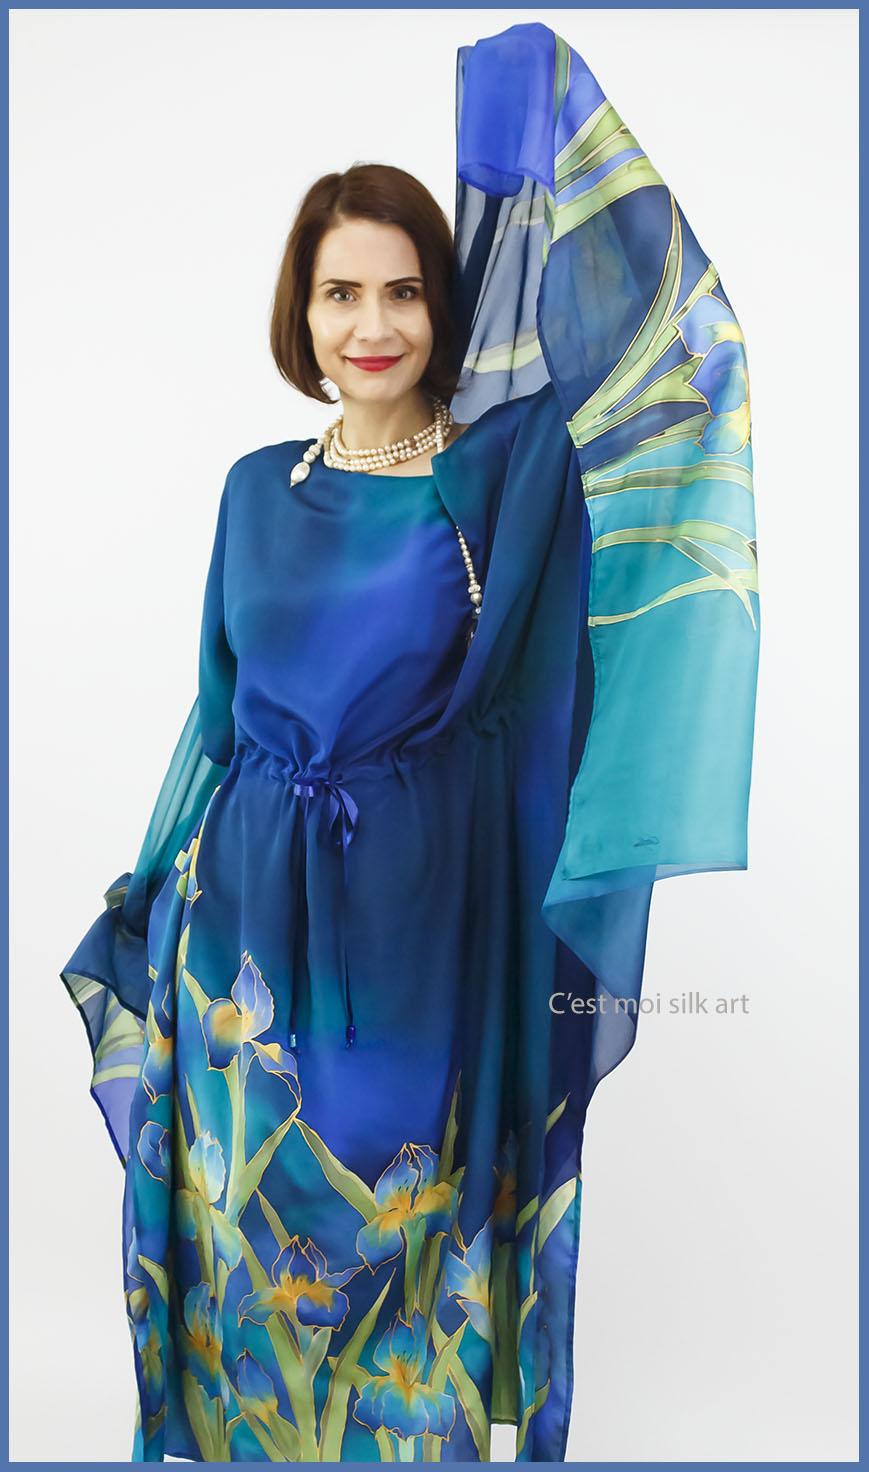 selyem crepe chine ruha kézzel festett kék íriszekkel 13